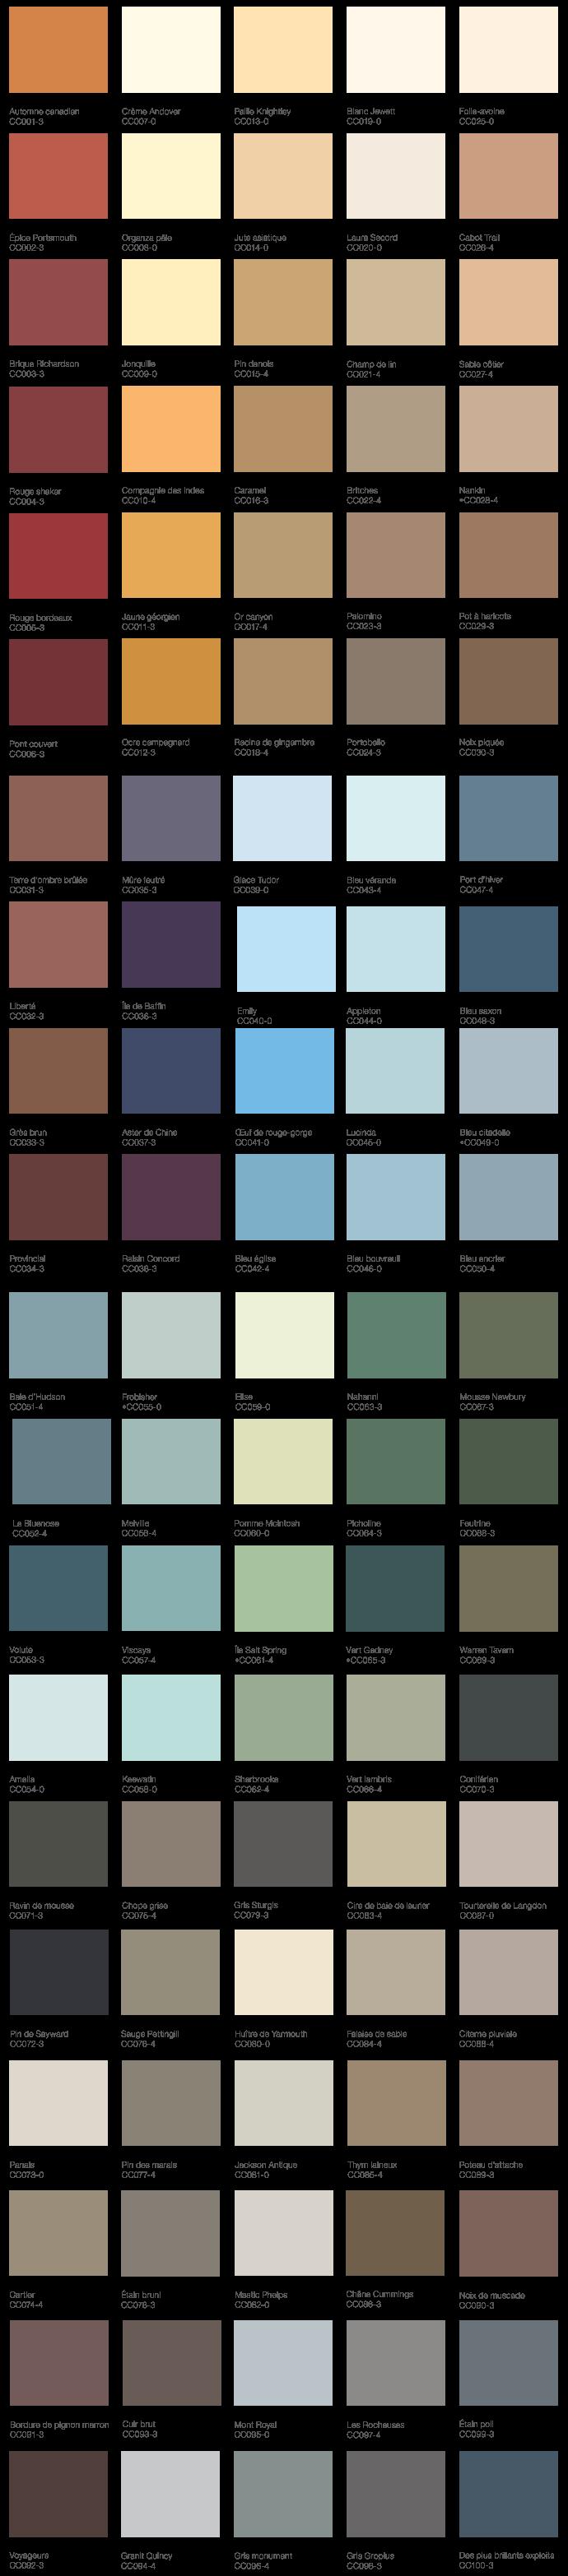 Beauti Tone Paint Colour Samples